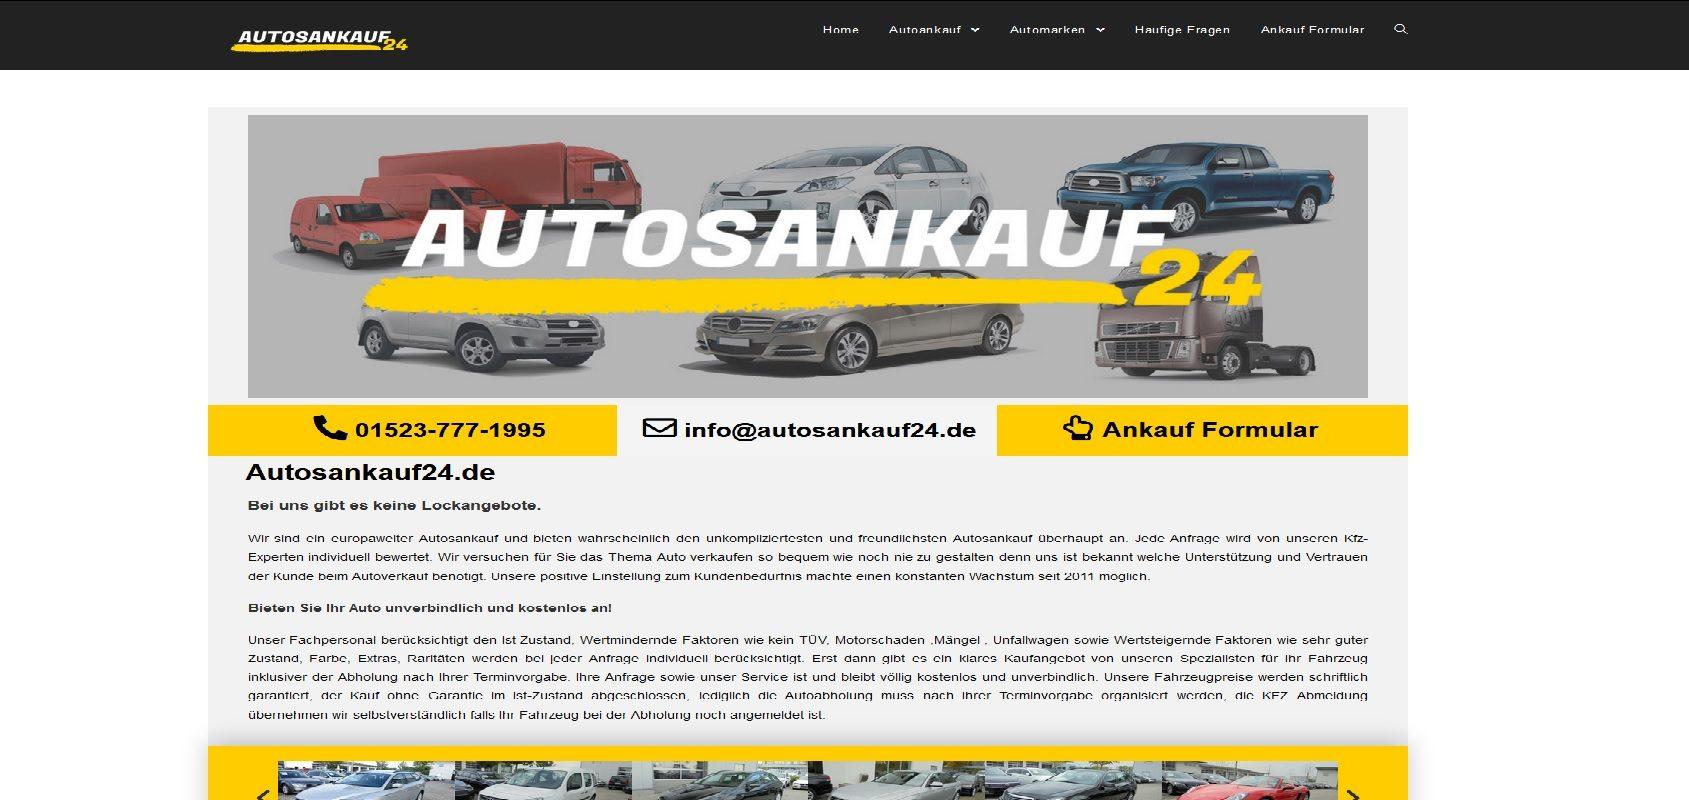 autosankauf24.de Autoankauf Gebrauchtwagen Ankauf